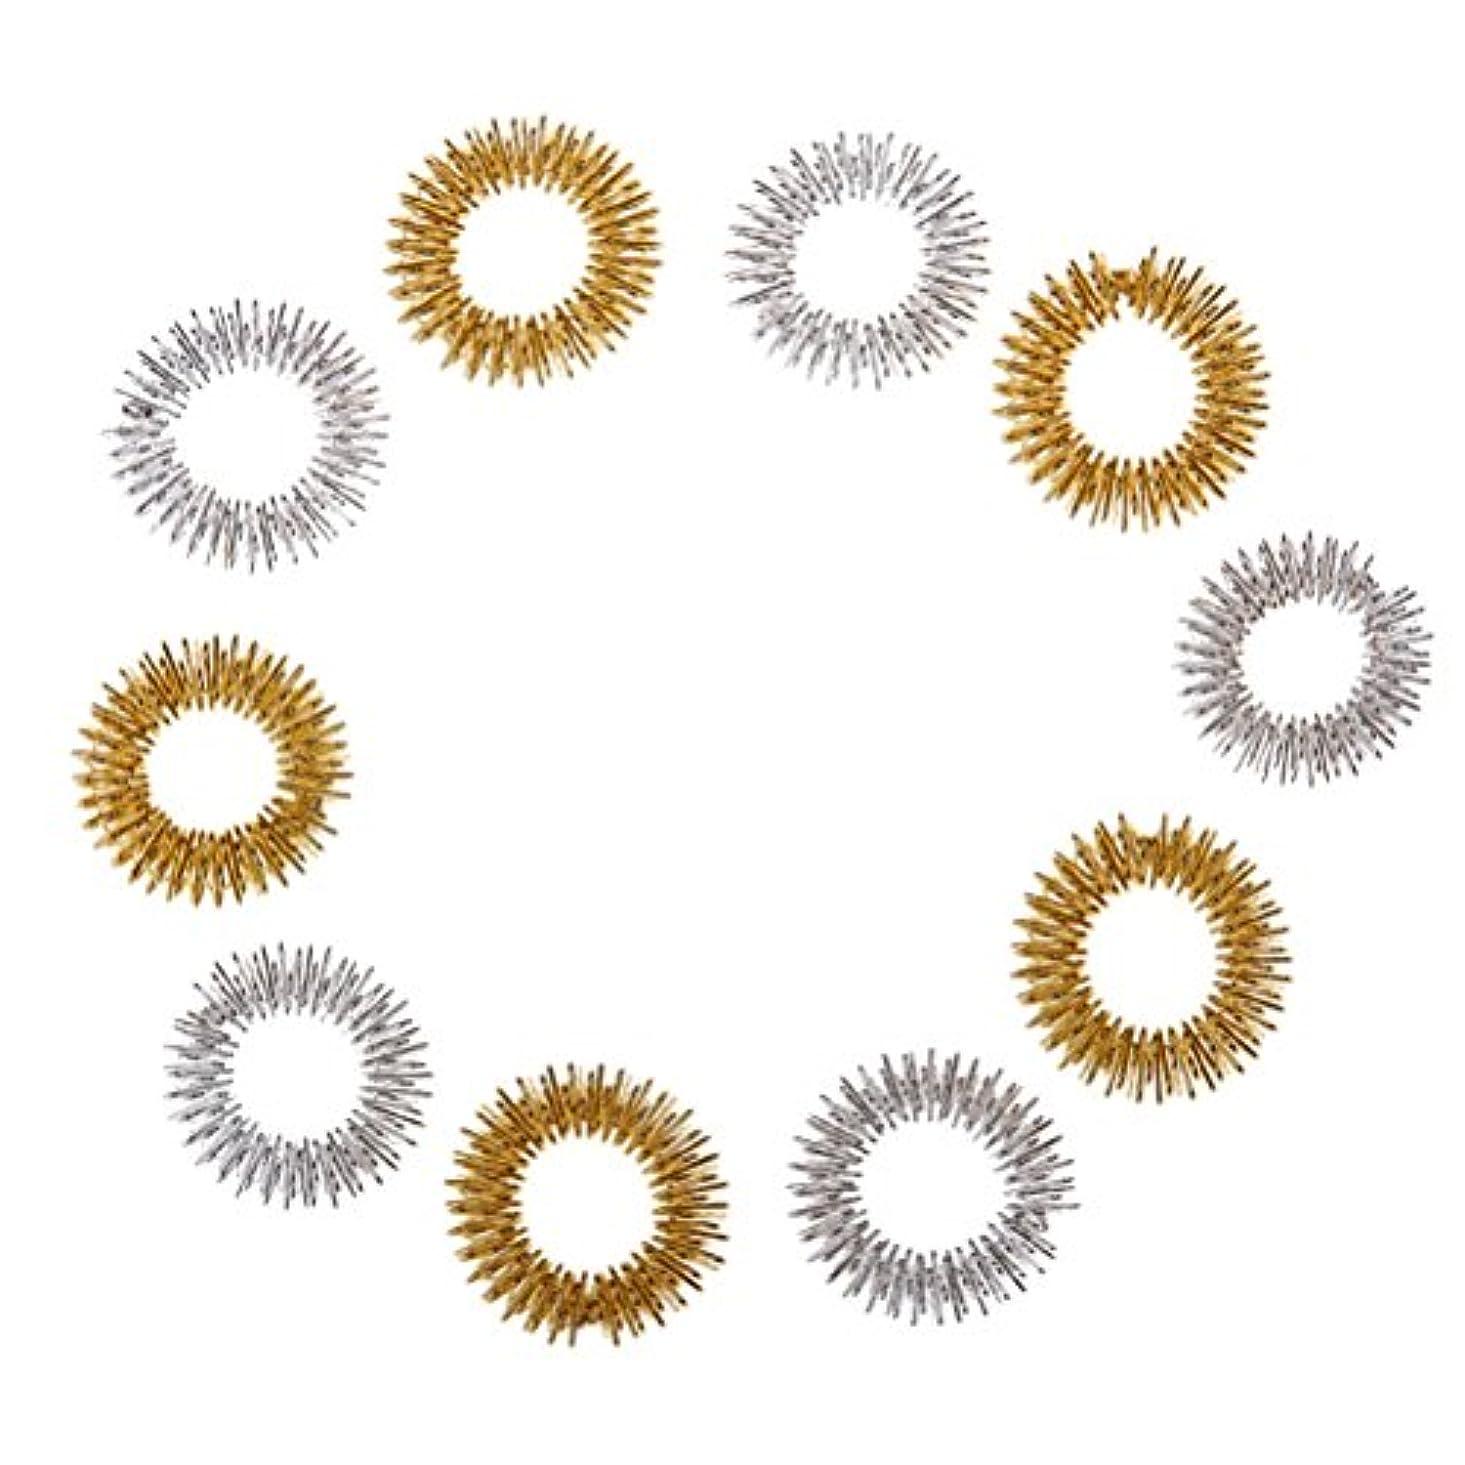 社交的ドール明らかにするSUPVOX 10ピース指圧マッサージ指輪循環リング子供のための十代の若者たち大人ランダム色